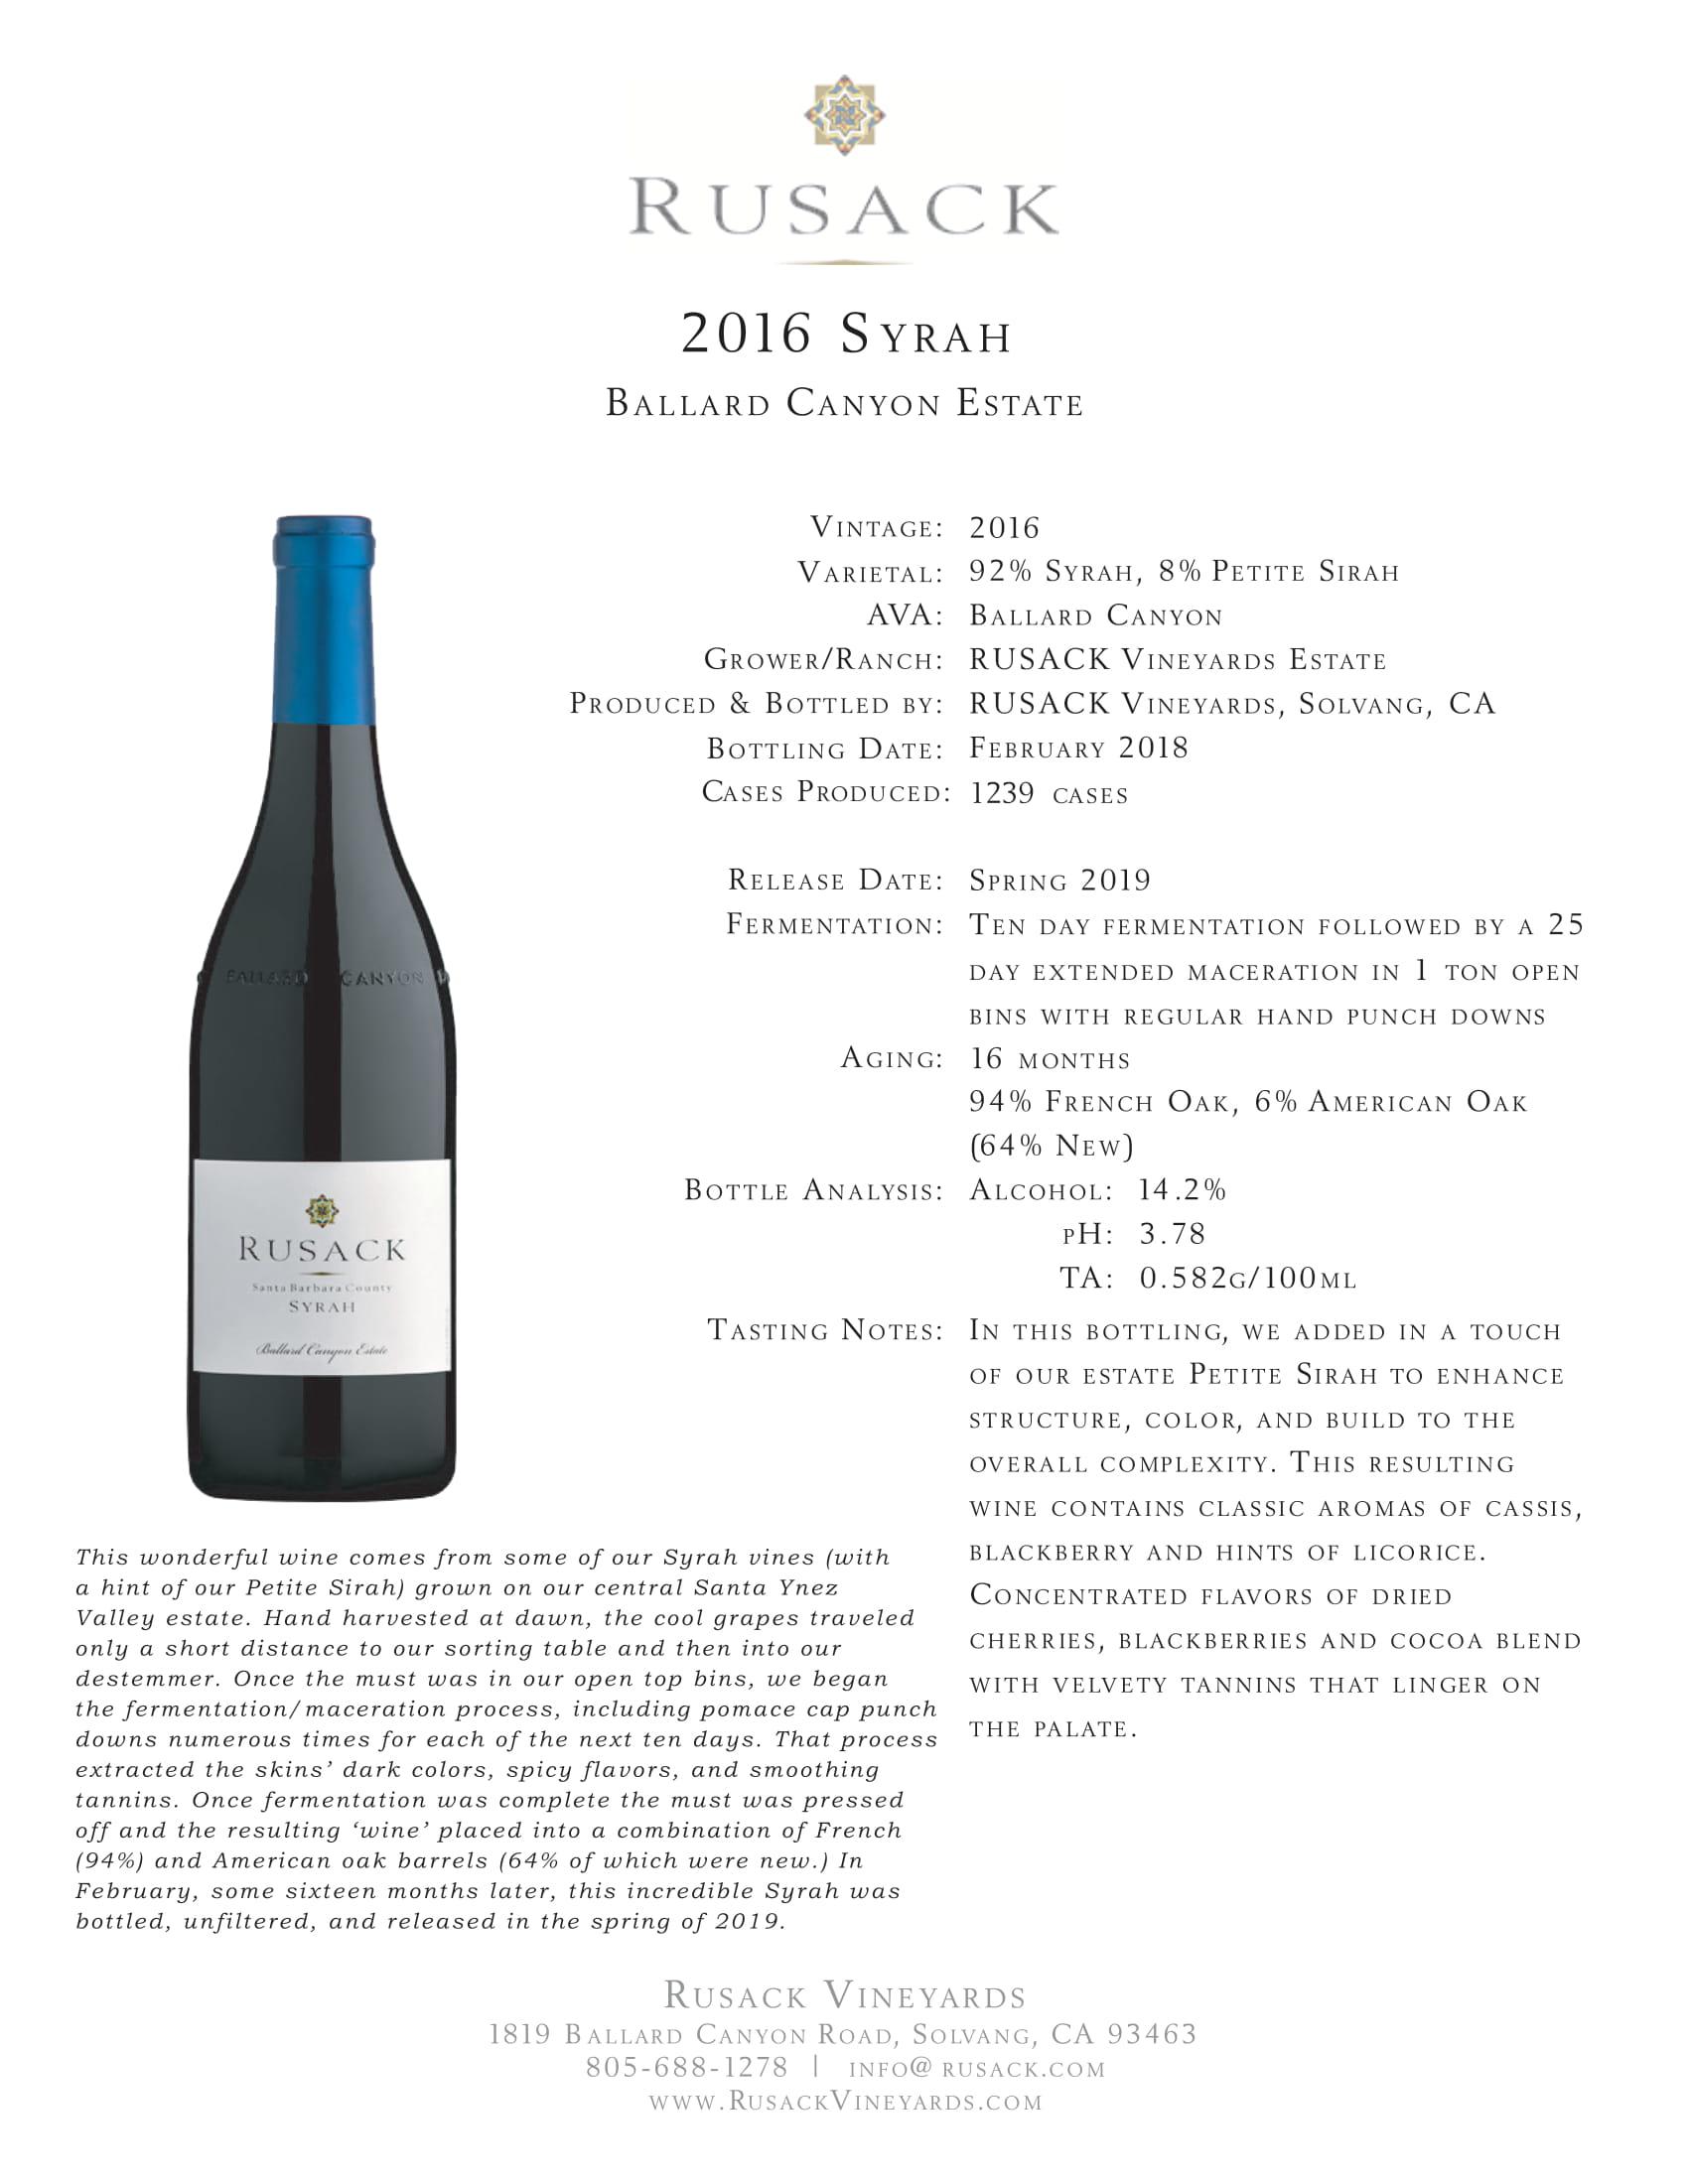 Rusack Vineyards Syrah Ballard Canyon Estate Sell Sheet